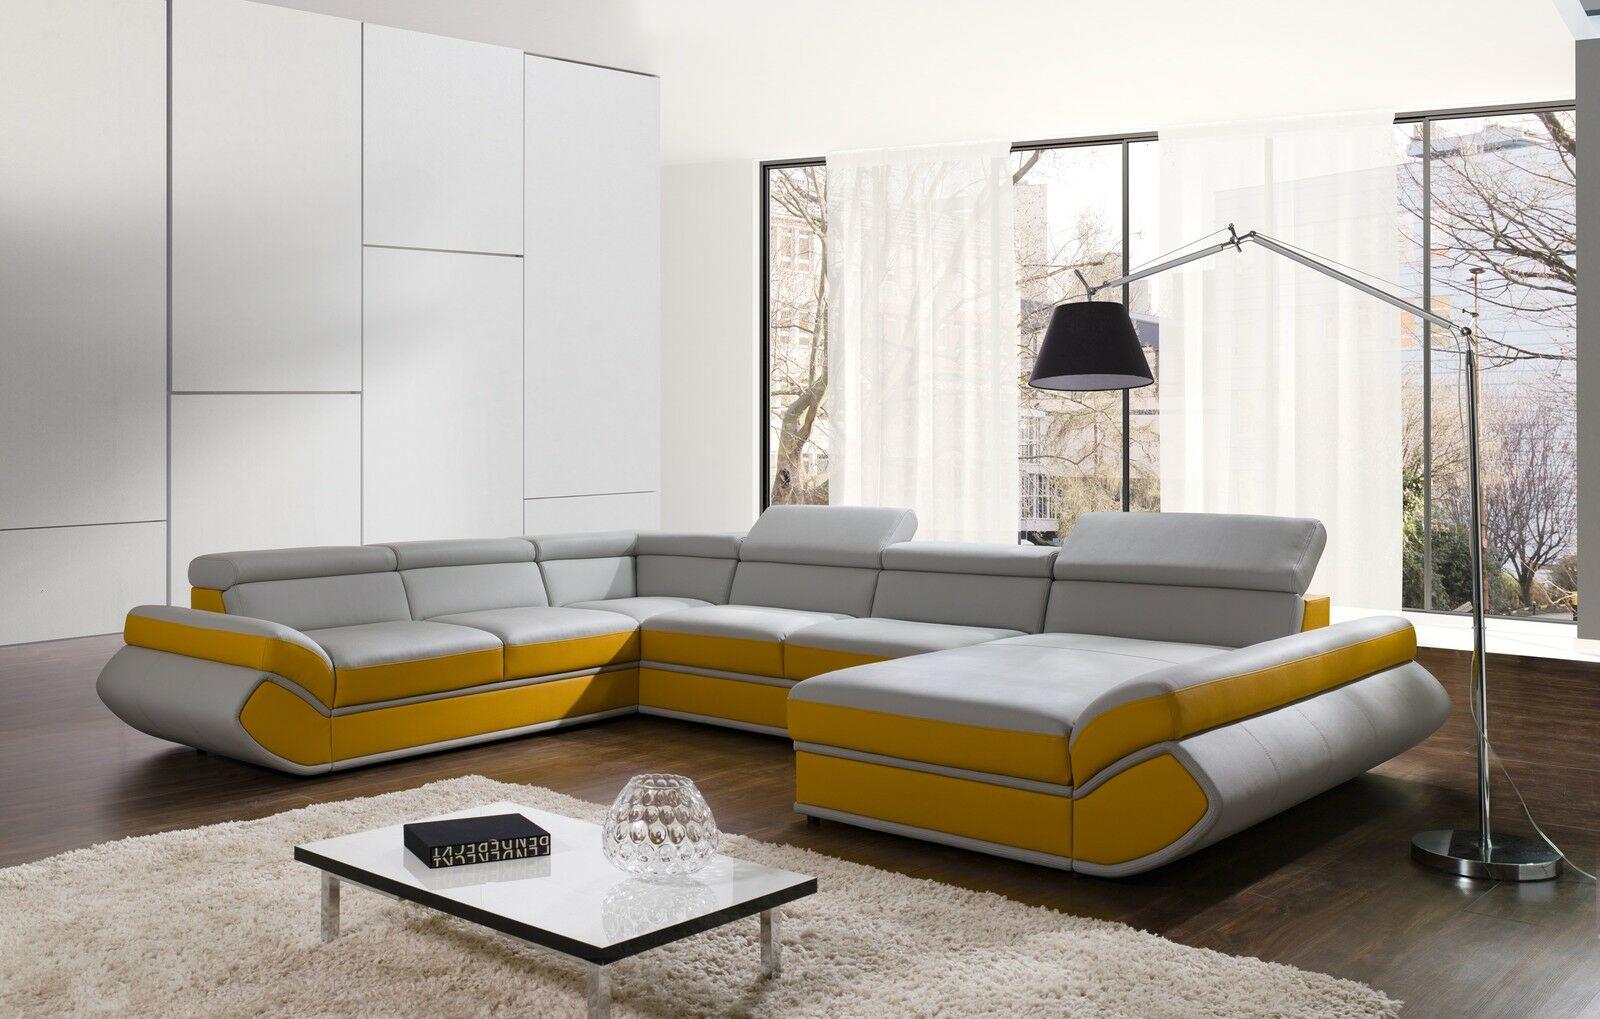 Couchgarnitur Genesis Xl U Couch Sofa Sofagarnitur Polsterecke